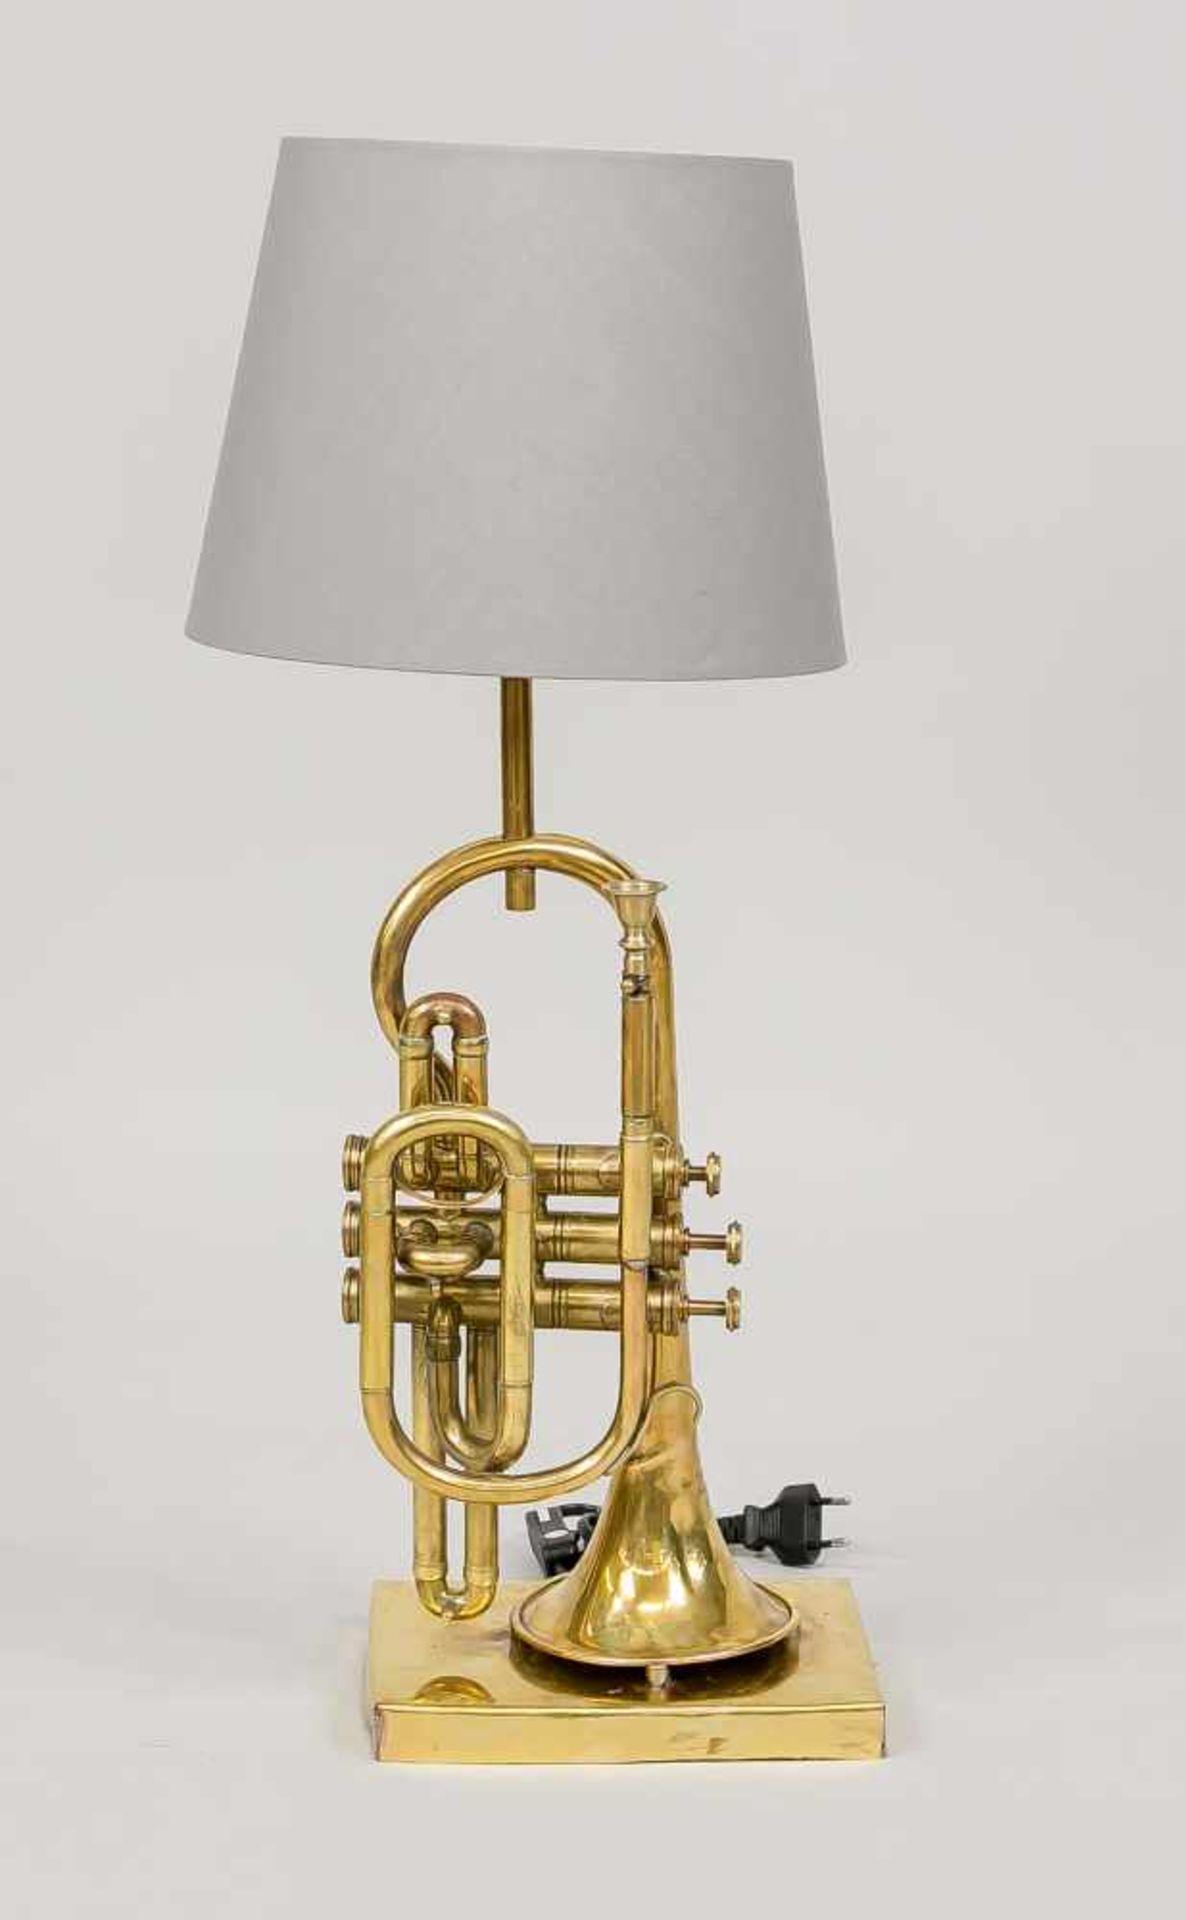 Trompeten-Lampe, 20. Jh. (Mariage). Rechteckiger Sockel mit Messingblech verkleidet.